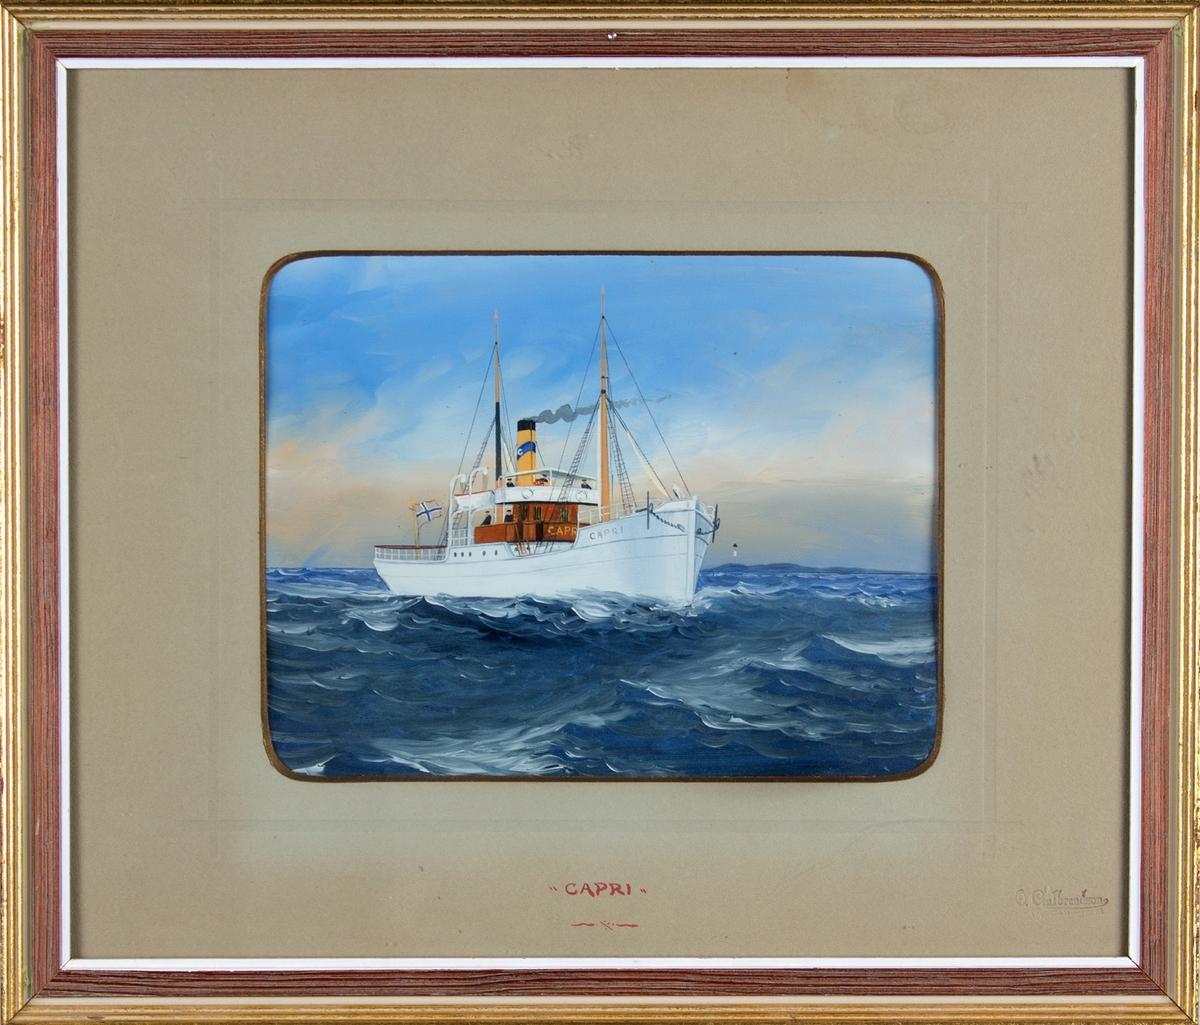 Skipsportrett av tredampskipet CAPRI under fart på åpent hav. Fører norsk flagg akter.